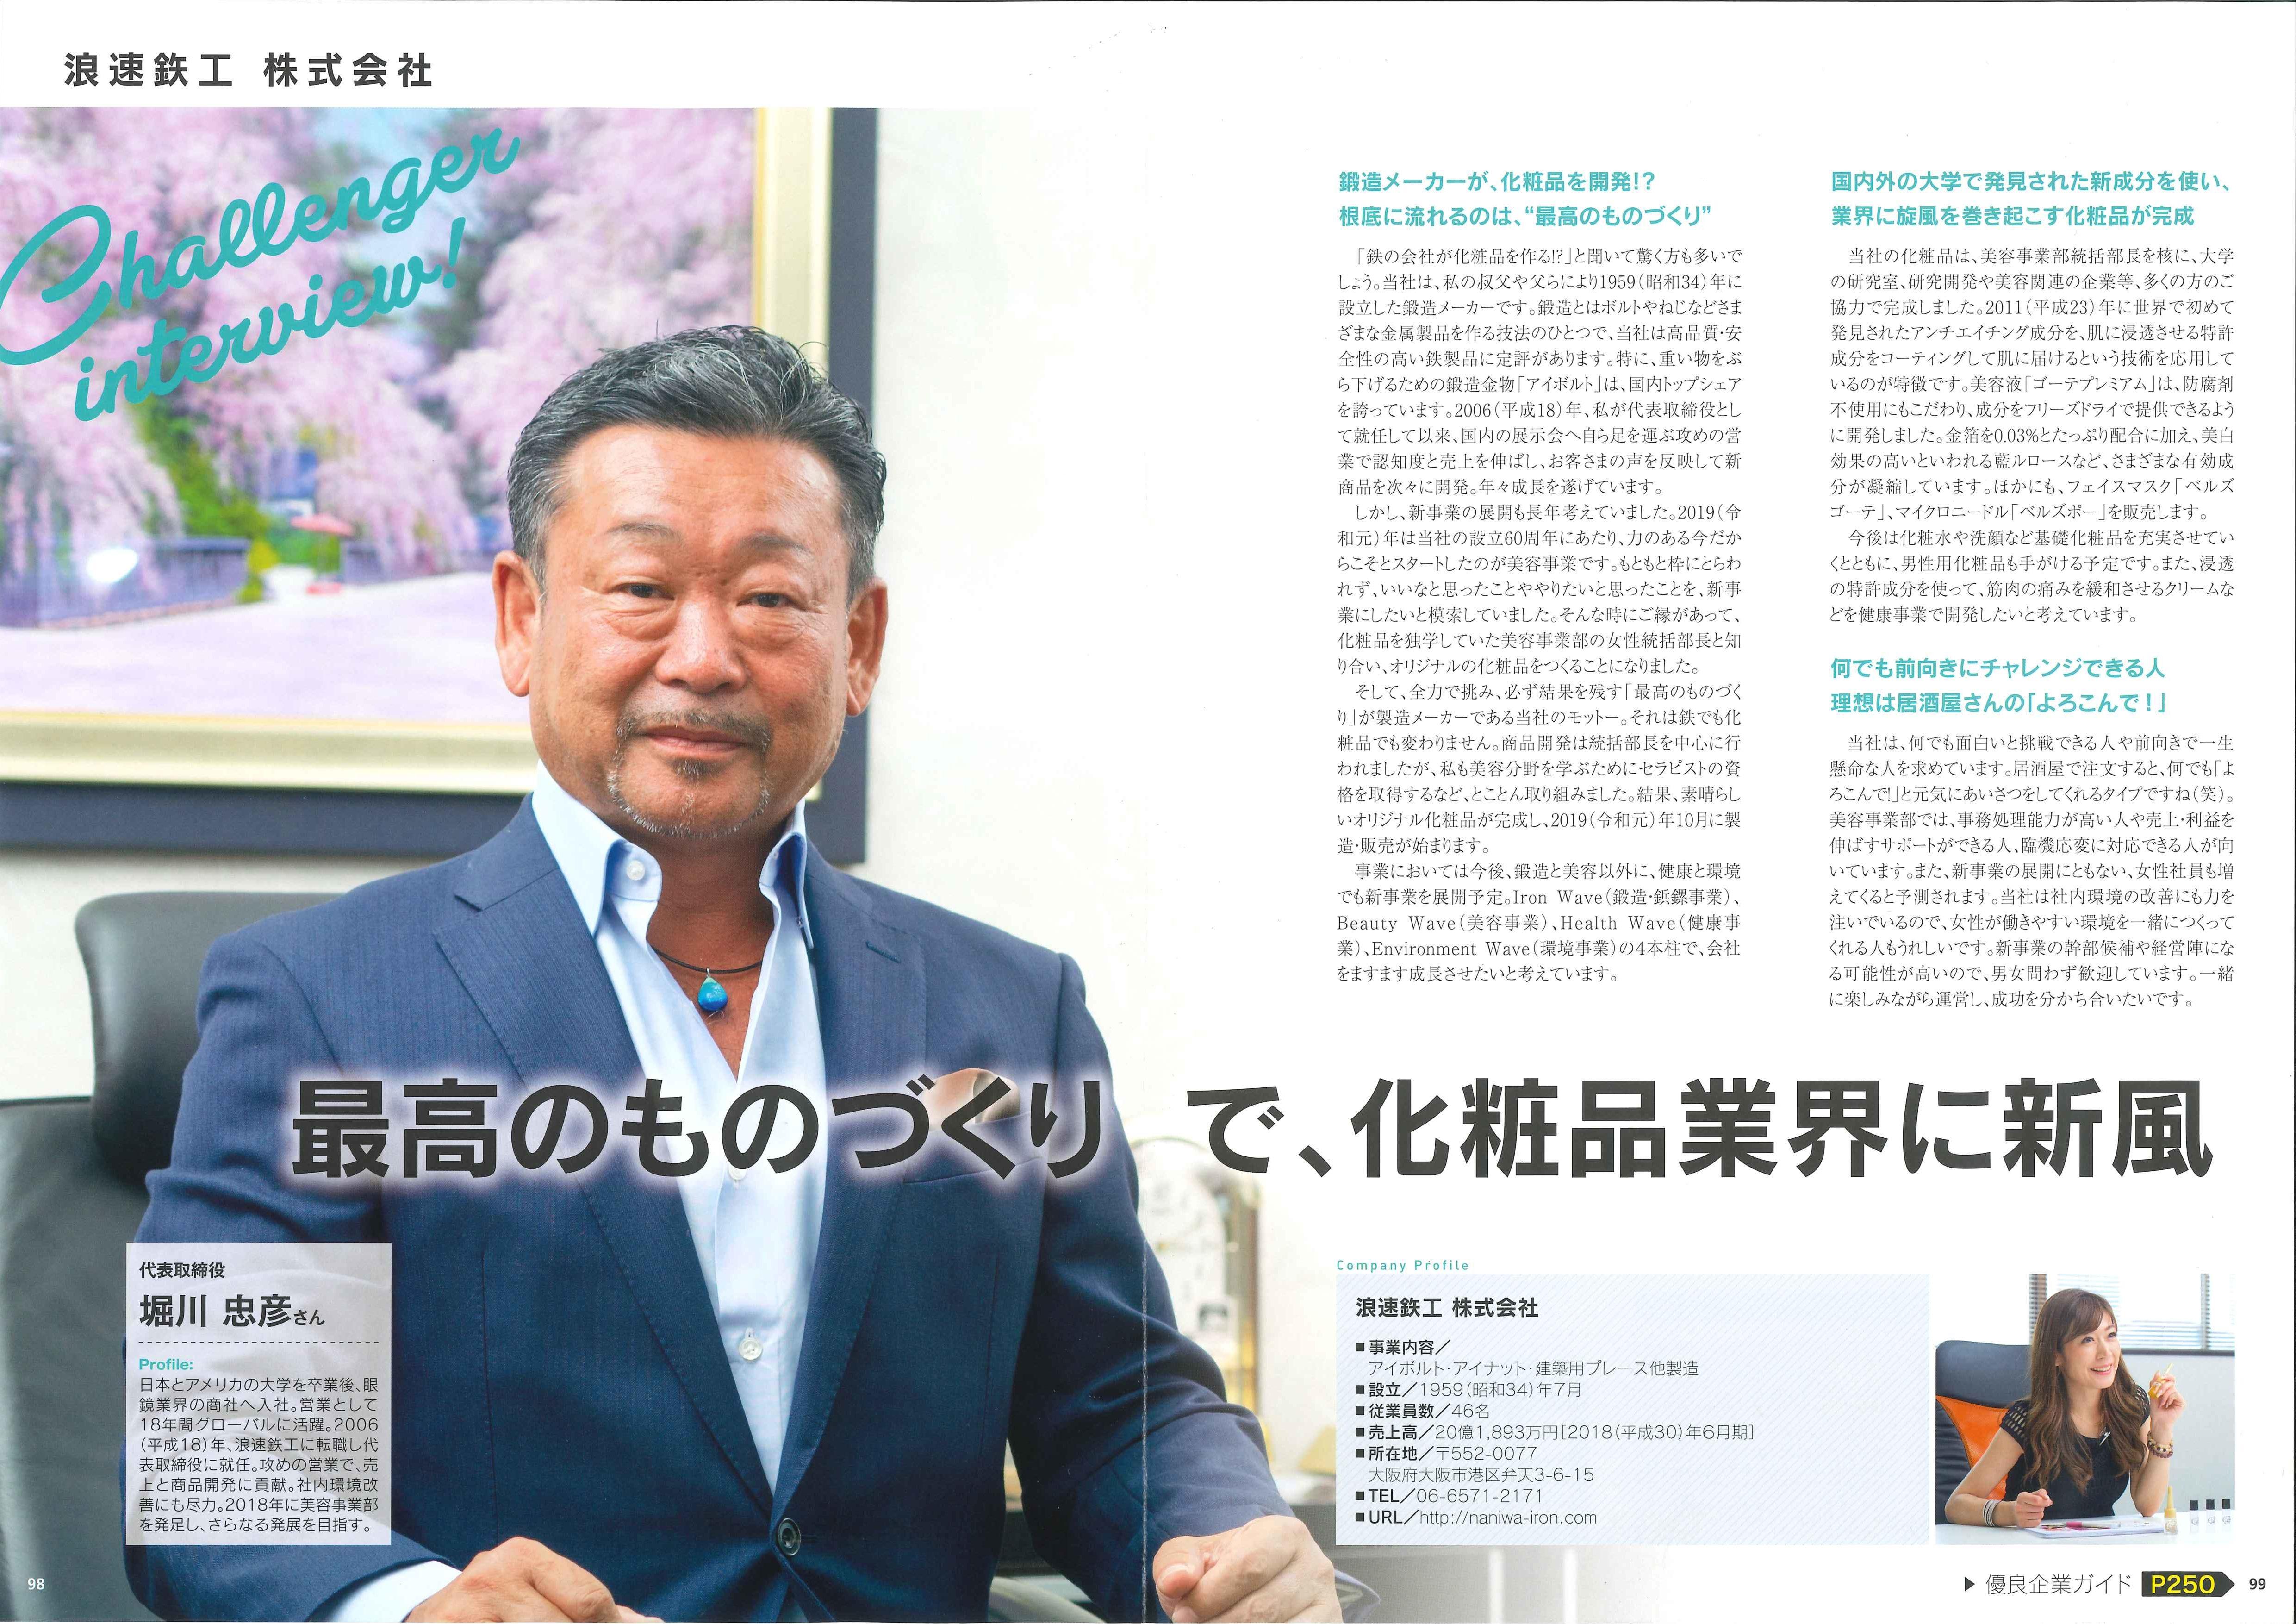 優良企業情報誌「ALevel」に掲載されました。